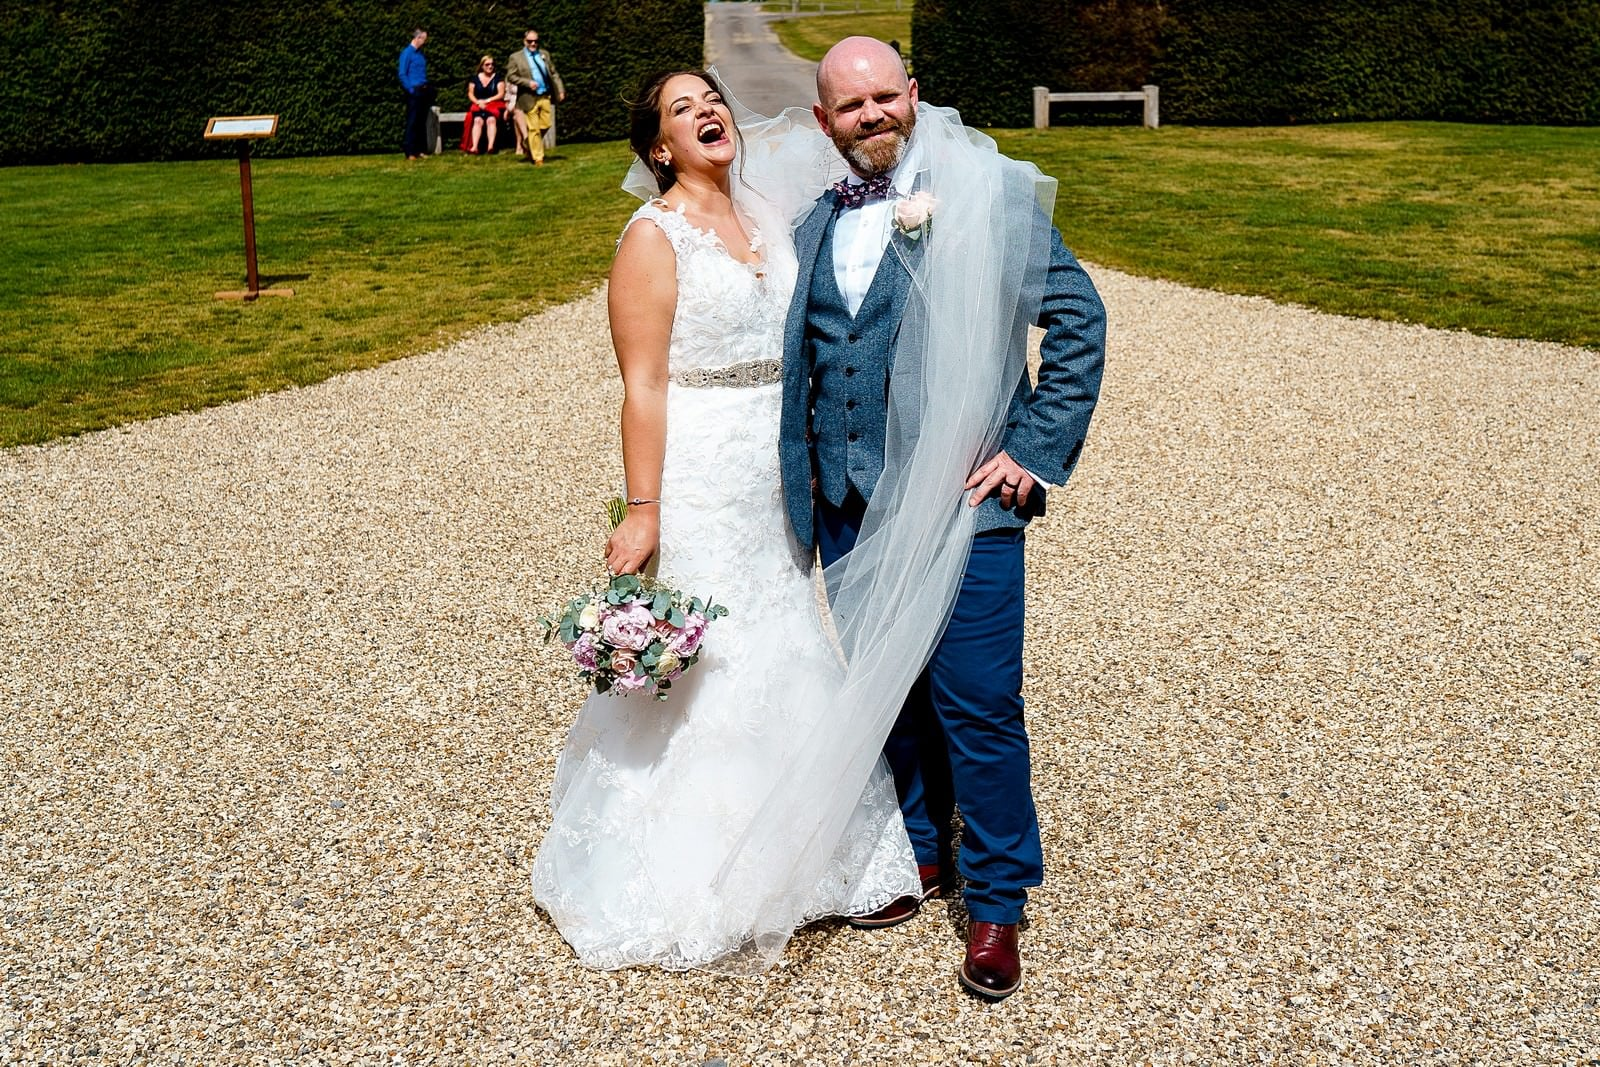 wedding at ufton court in berkshire 5